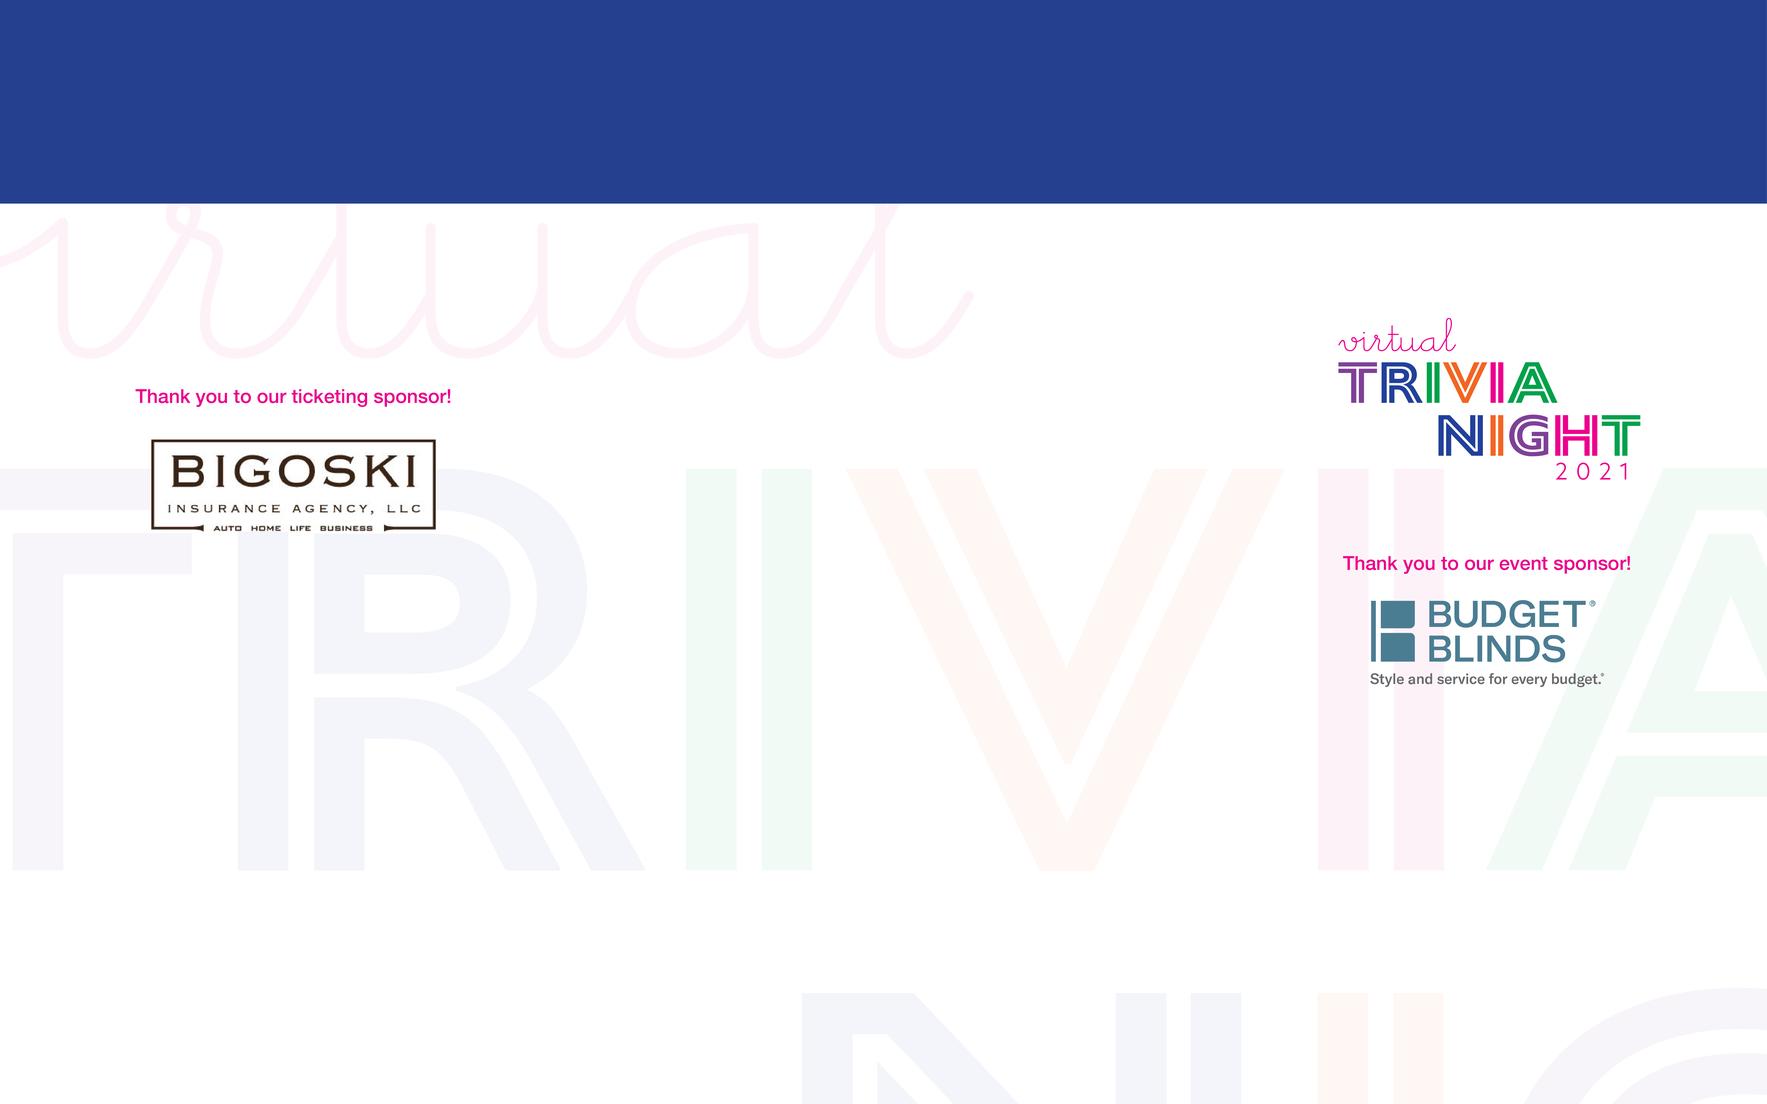 Virtual Trivia Night 2021 image